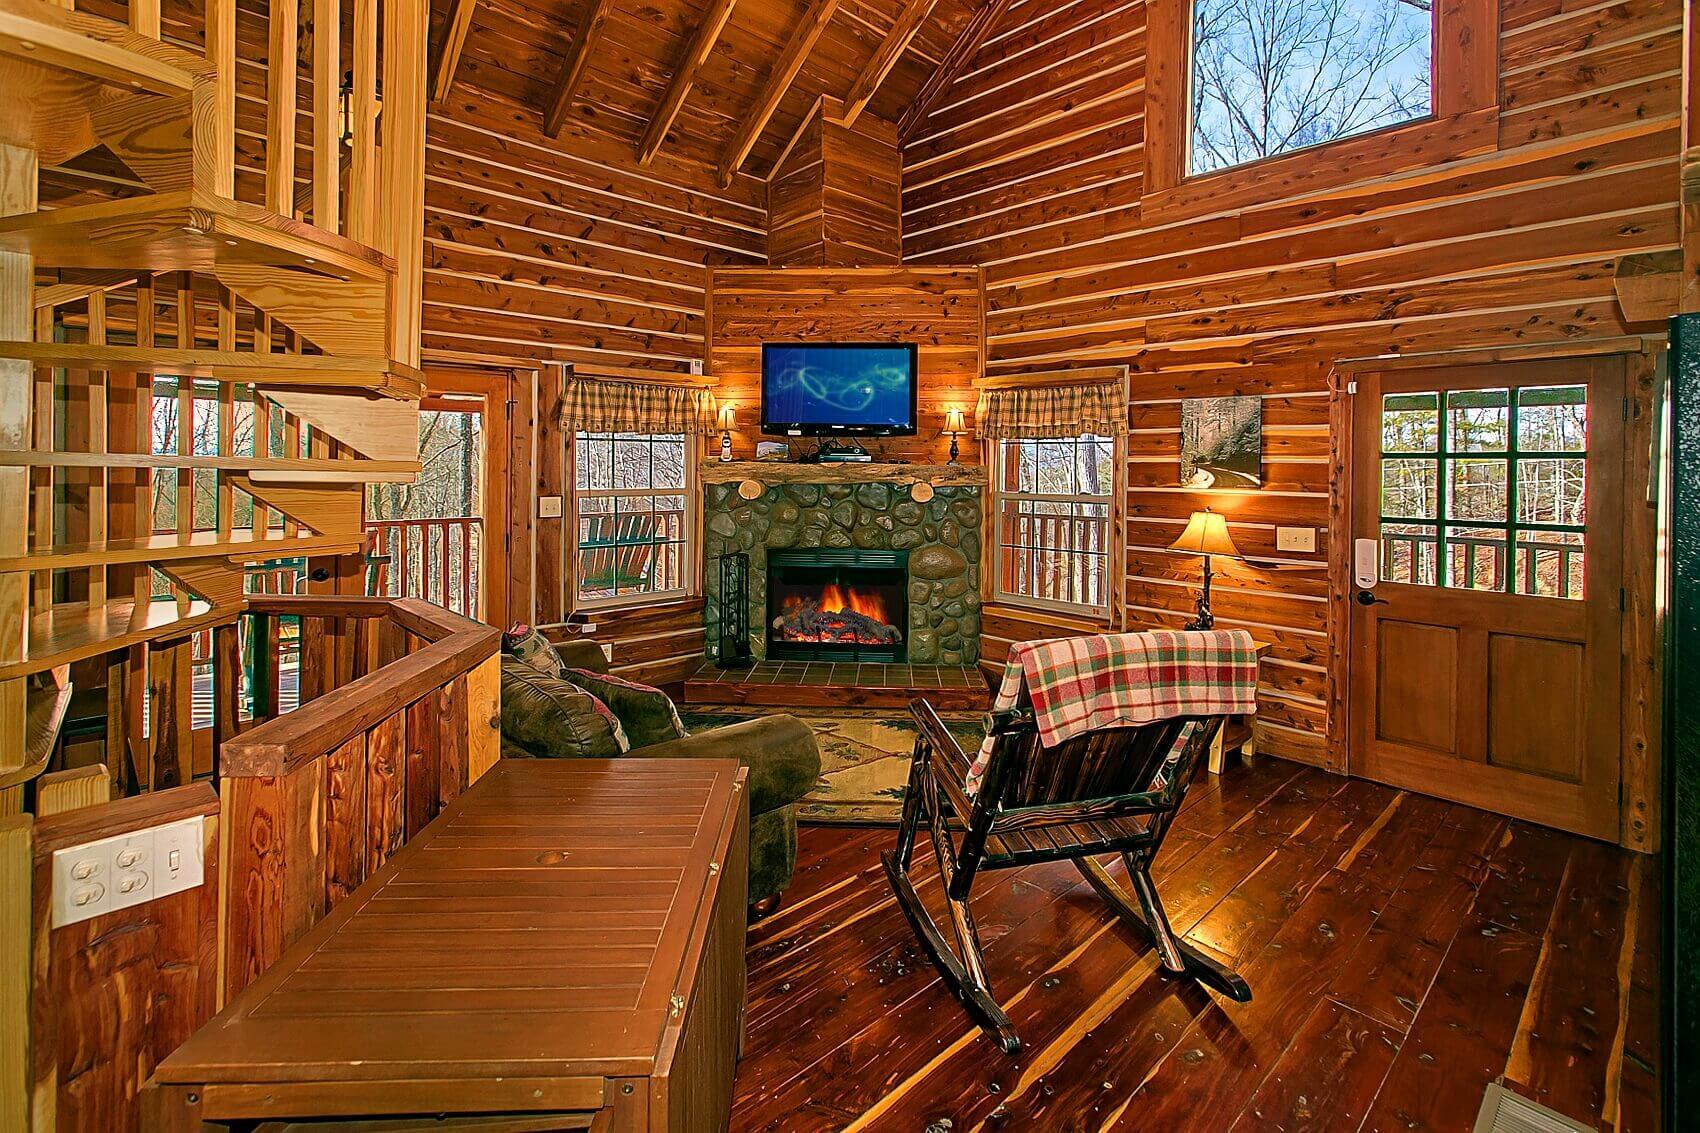 1 bedroom cabins in gatlinburg tn for rent elk springs for Cabin rental companies in gatlinburg tn